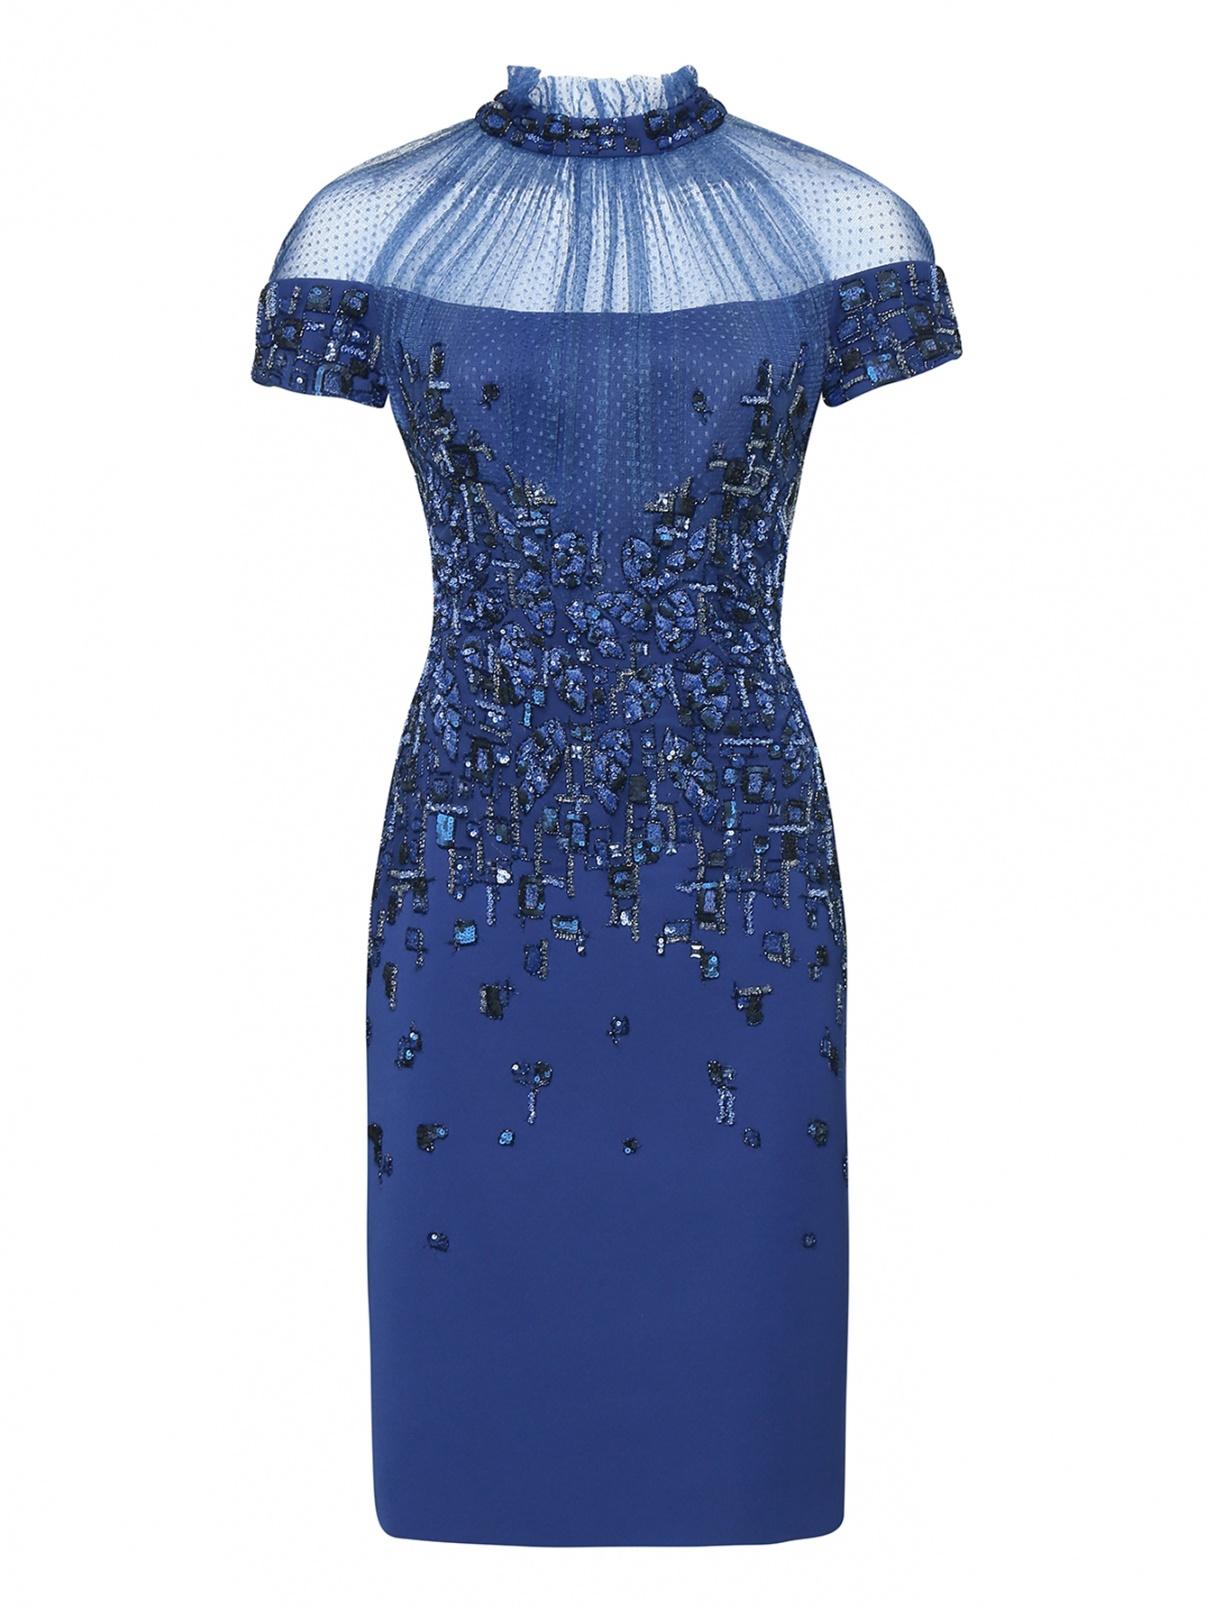 Платье с вышивкой пайетками и бусинами Tony Ward  –  Общий вид  – Цвет:  Синий